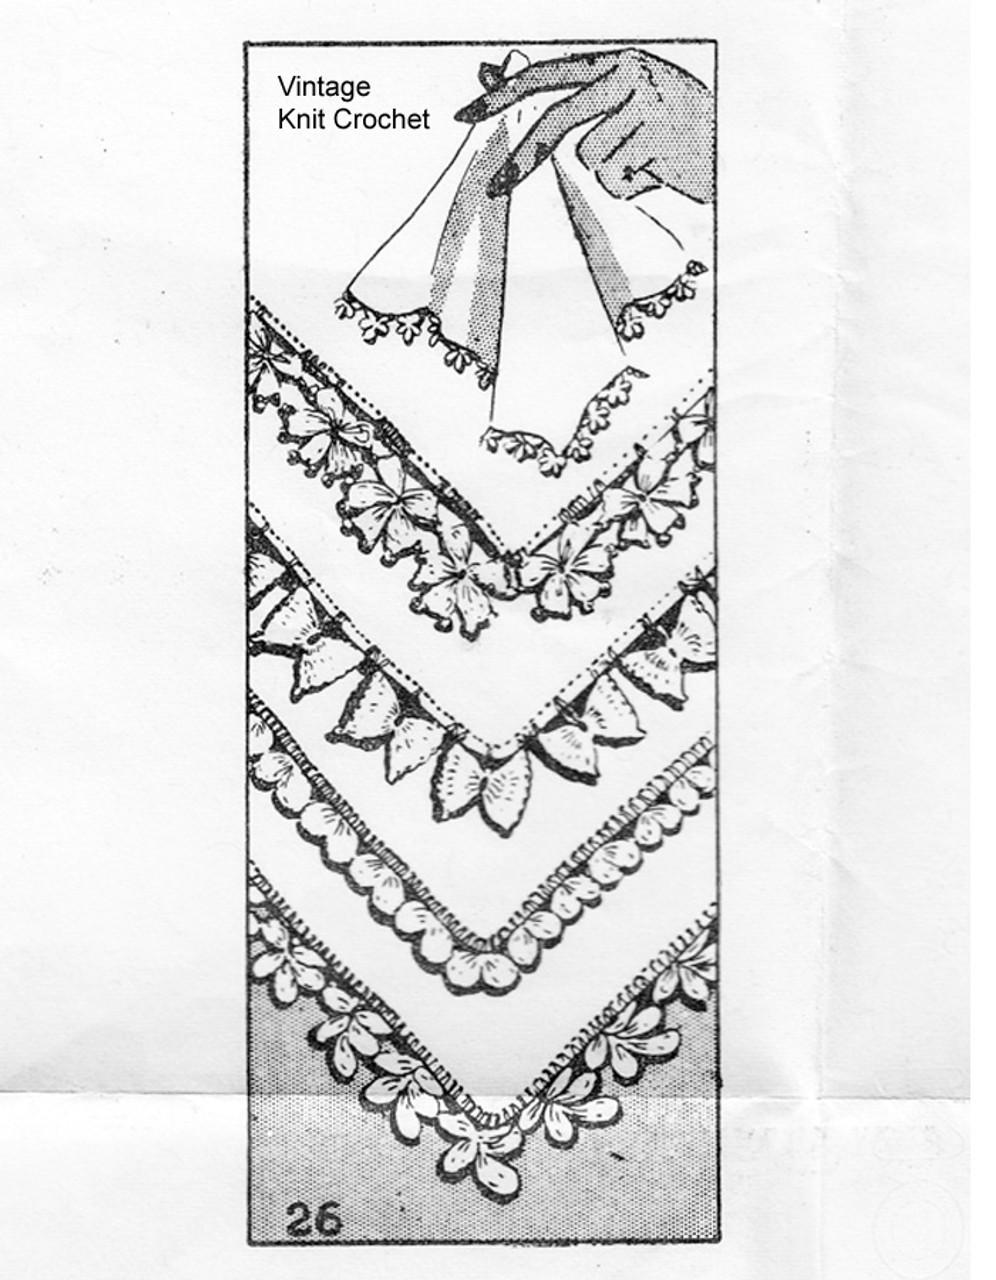 Vintage Handkerchief Edgings Pattern Design 26